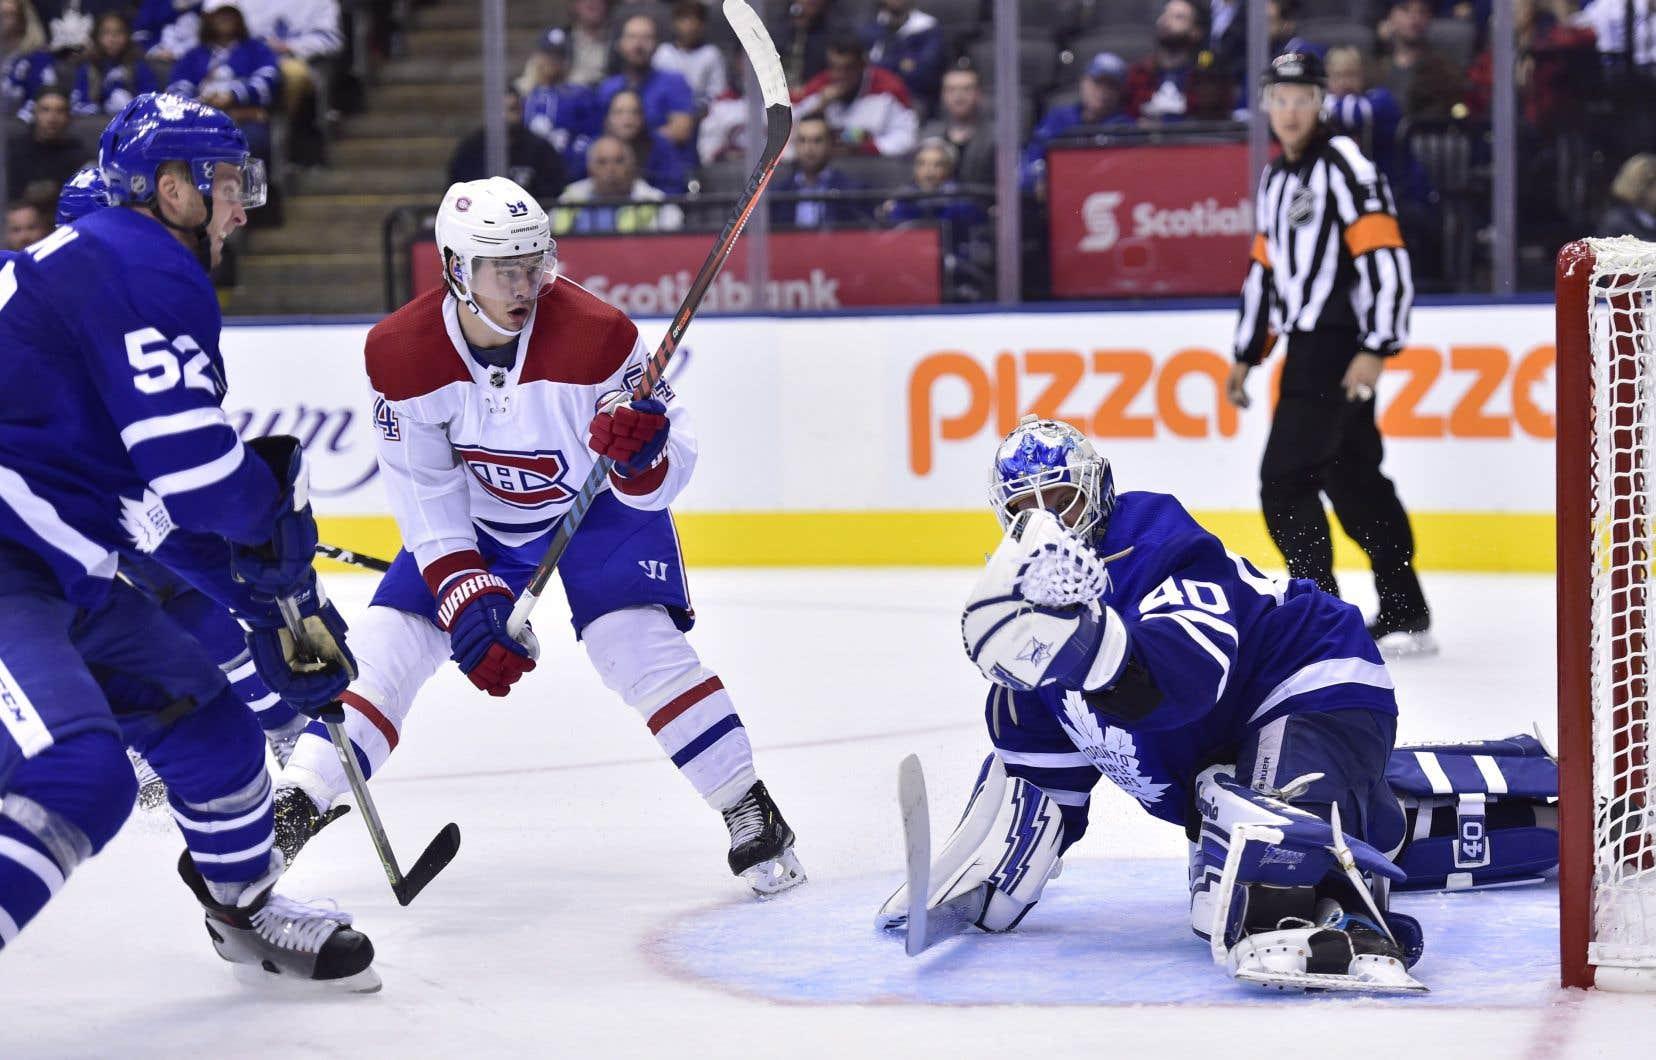 Le gardien de but des Maple Leafs de Toronto, Garret Sparks (40), effectue un arrêt face à l'ailier gauche du Canadien Charles Hudon.